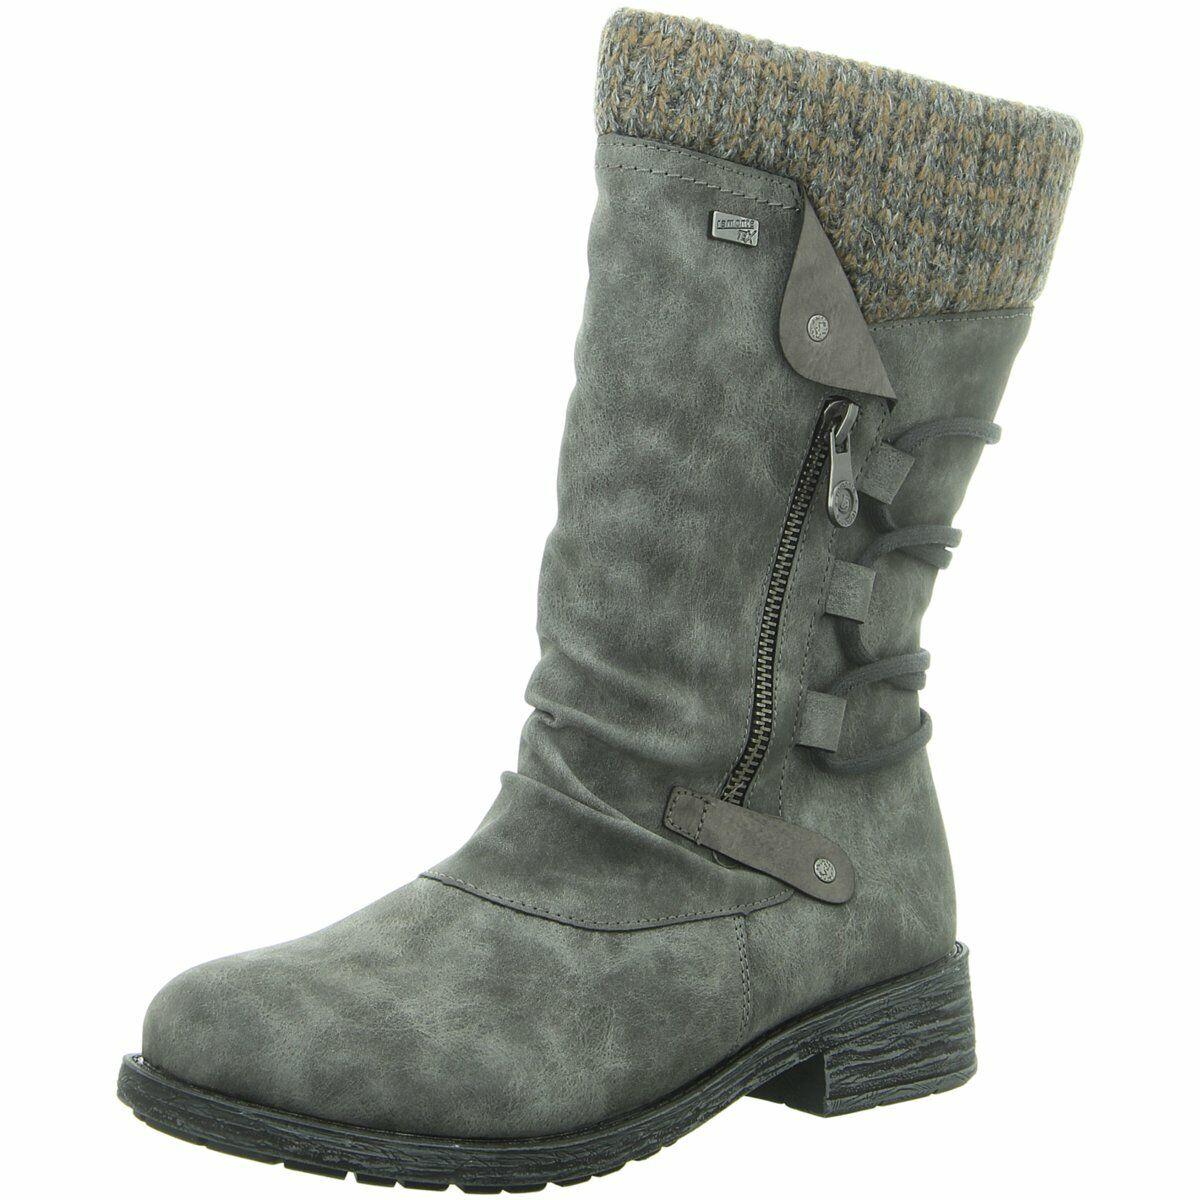 Remonte Damen Stiefel Stiefel D8070-45 grau 582961